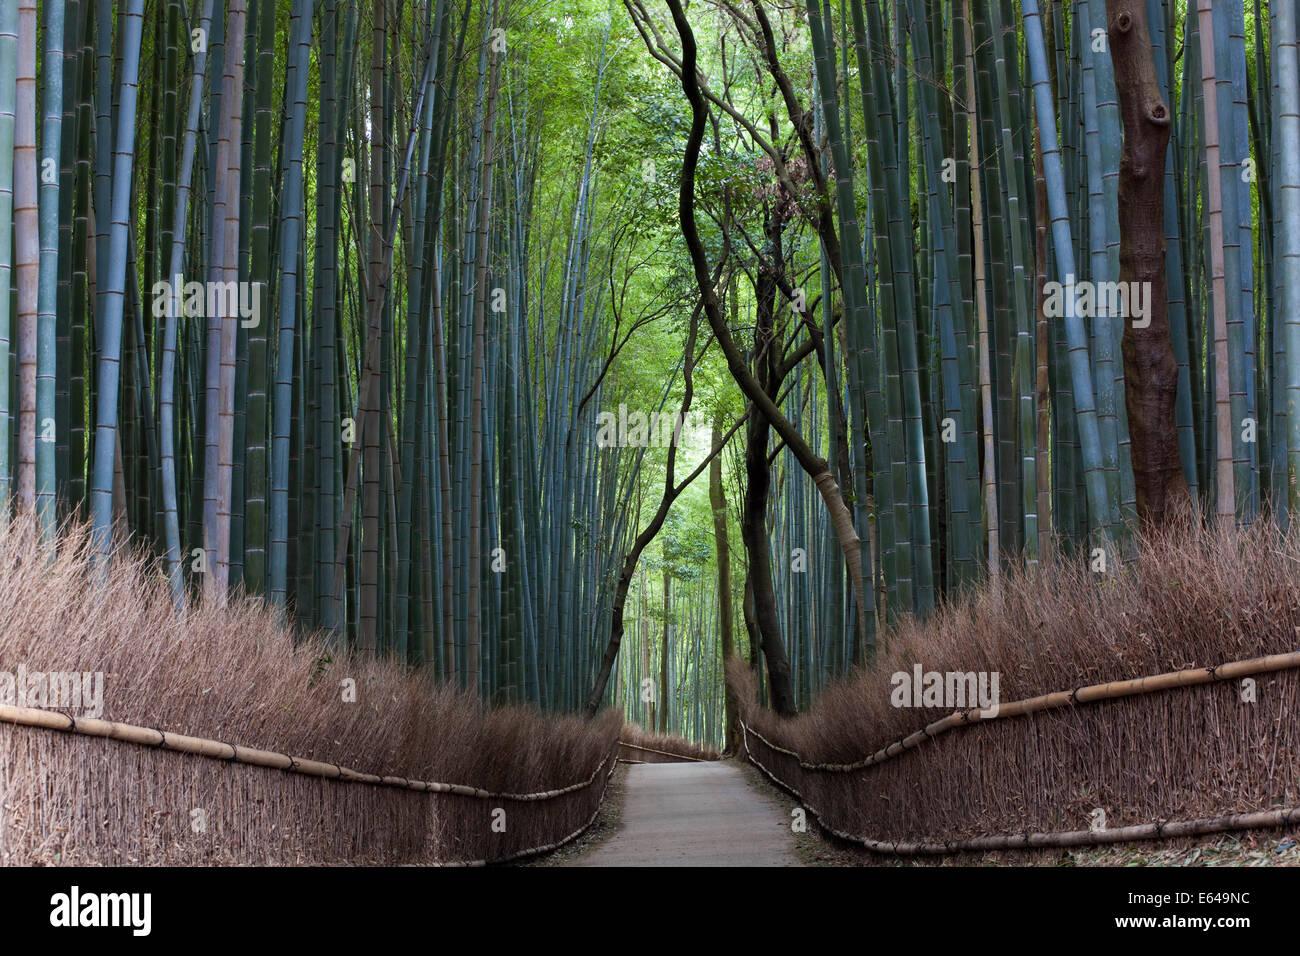 Percorso attraverso il bosco di bambù, Kyoto, Giappone Immagini Stock